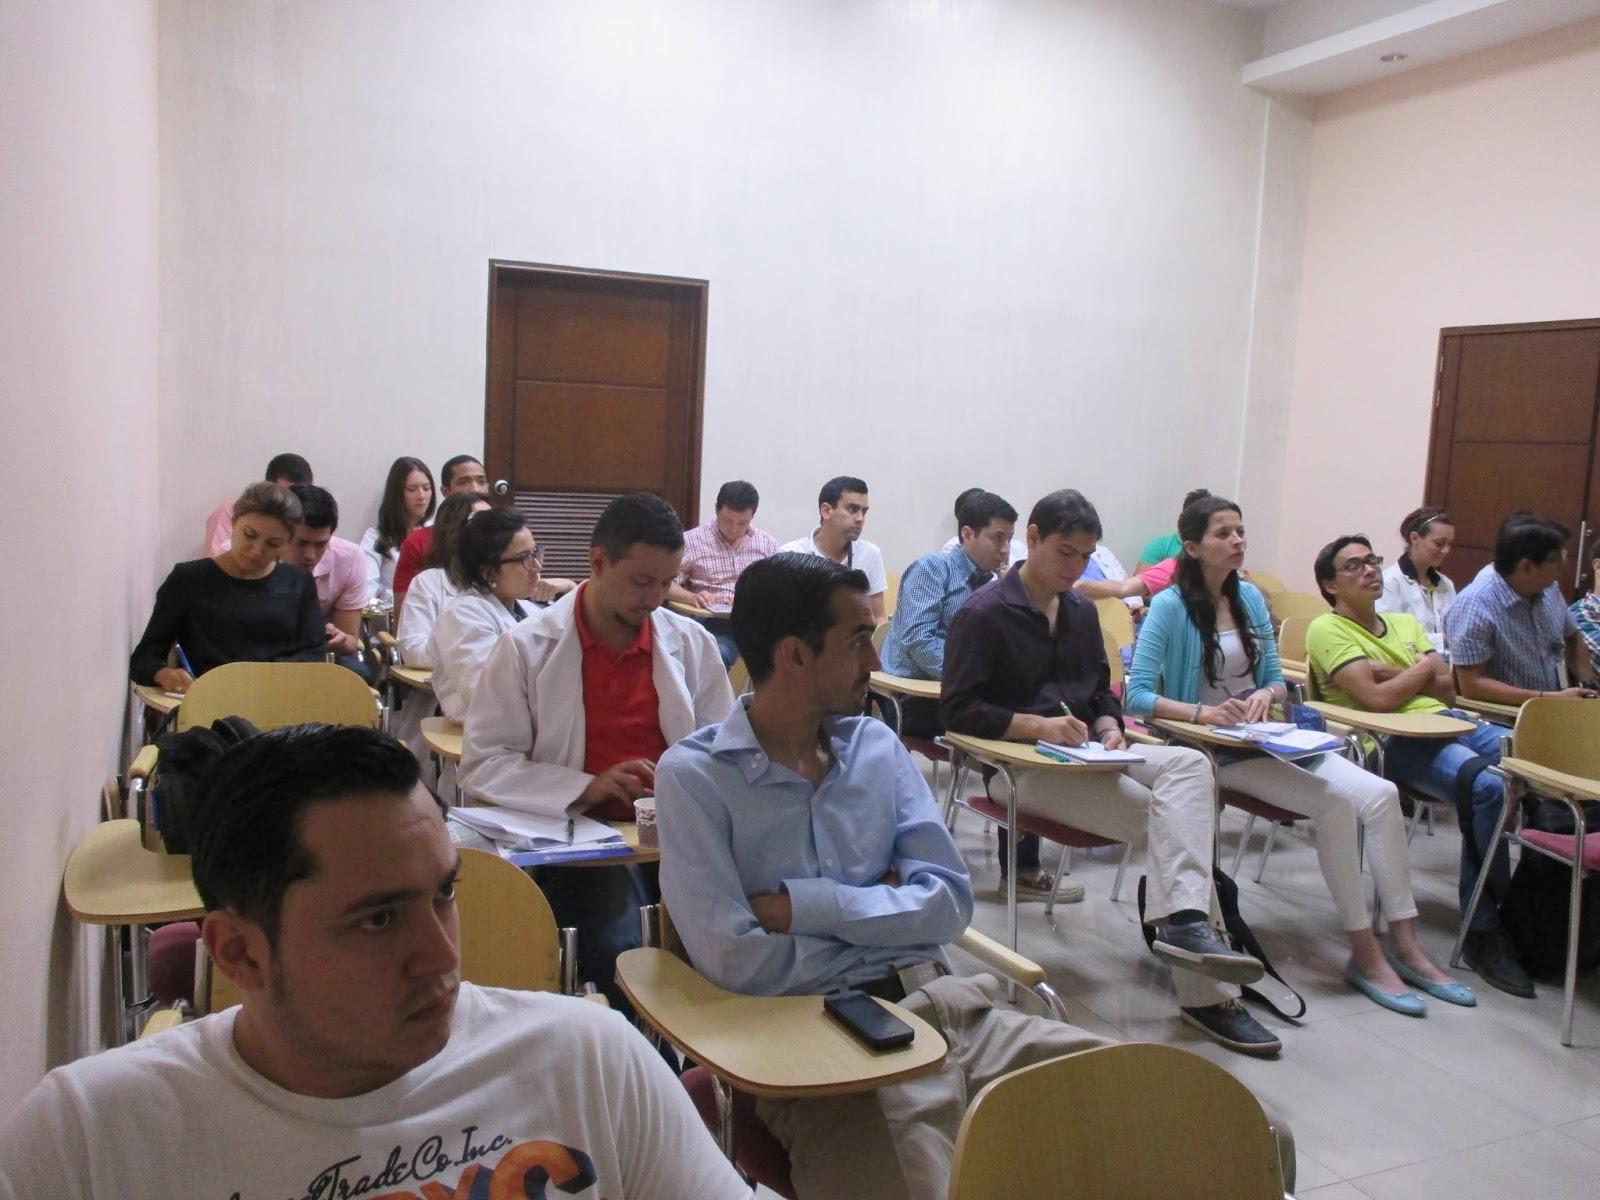 Centro asociado suramericano en salud visual y desarrollo for Centro asociado de madrid